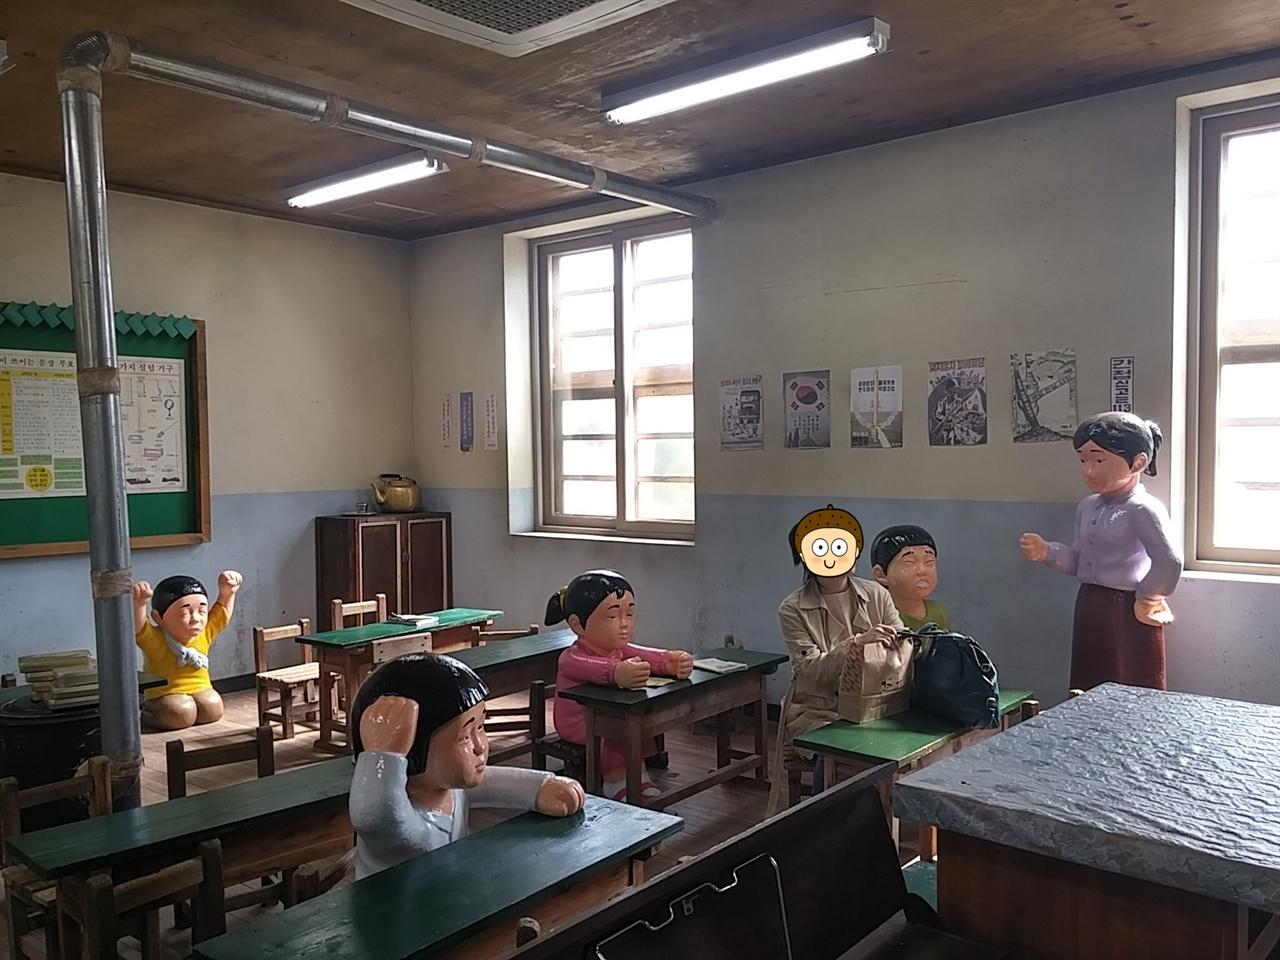 옛 장생포 초등학교를 재현한 전시관